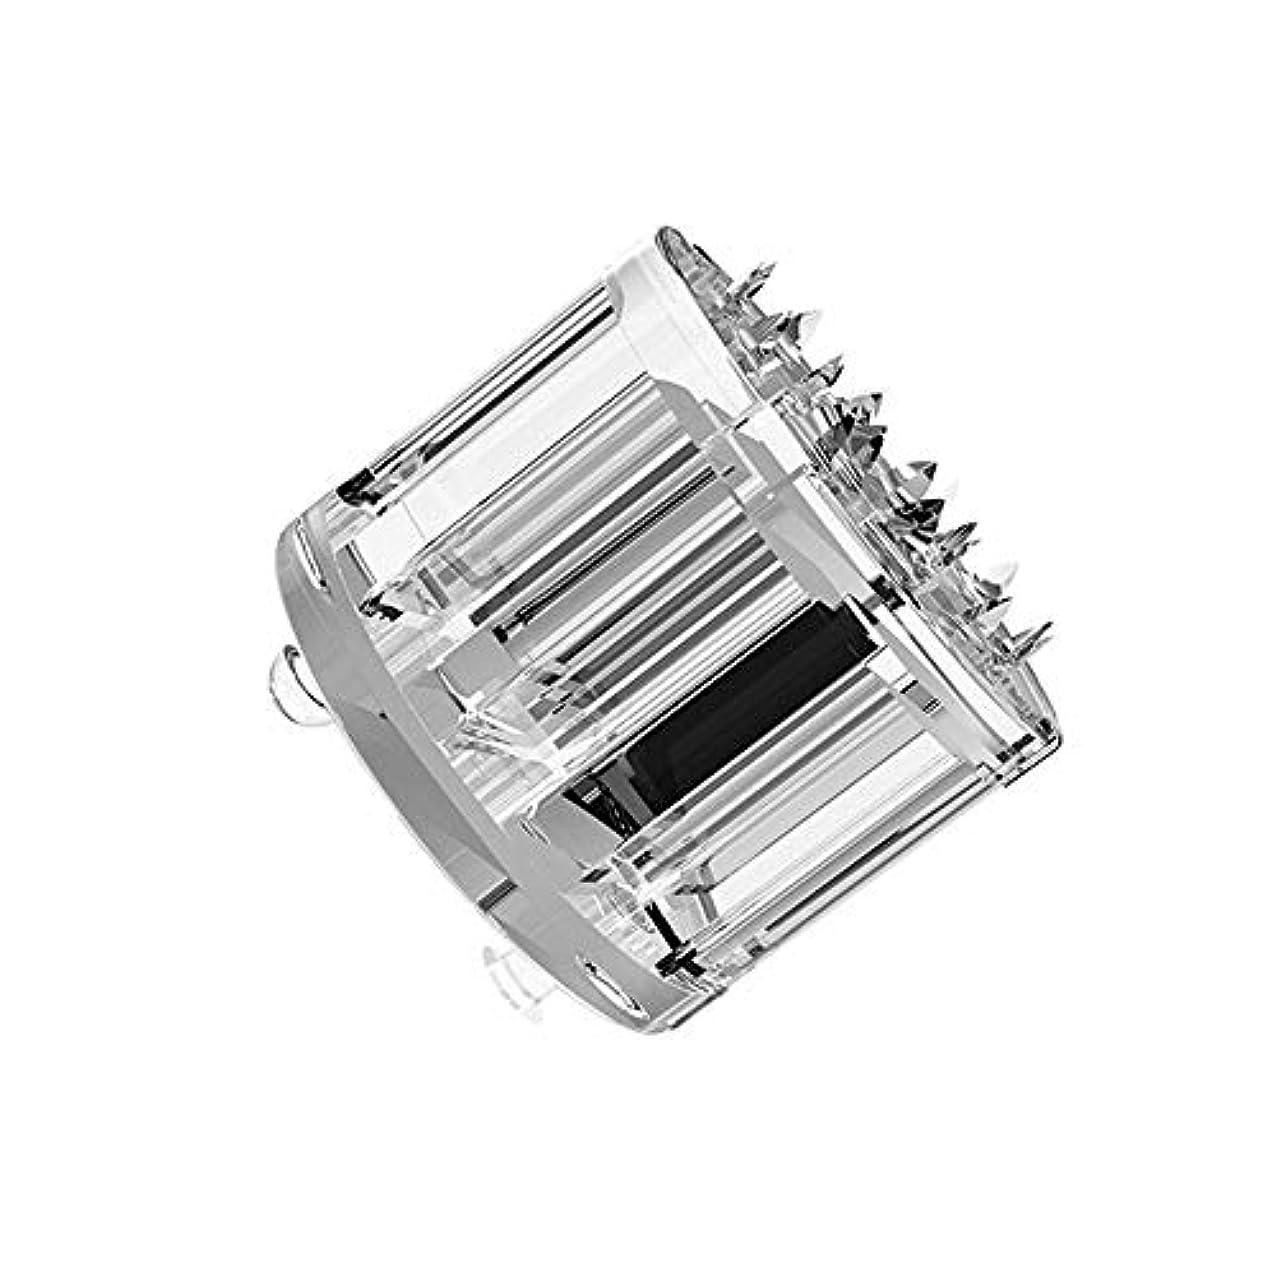 遅滞ピカソ九時四十五分MTS Home Care Micro pin-10ea (ticktok用) ティク ホームケア マイクロピン 化粧品の浸透 コラーゲン 肌の弾力 アップ マイクロピン 毛穴や小じわ 角質ケア